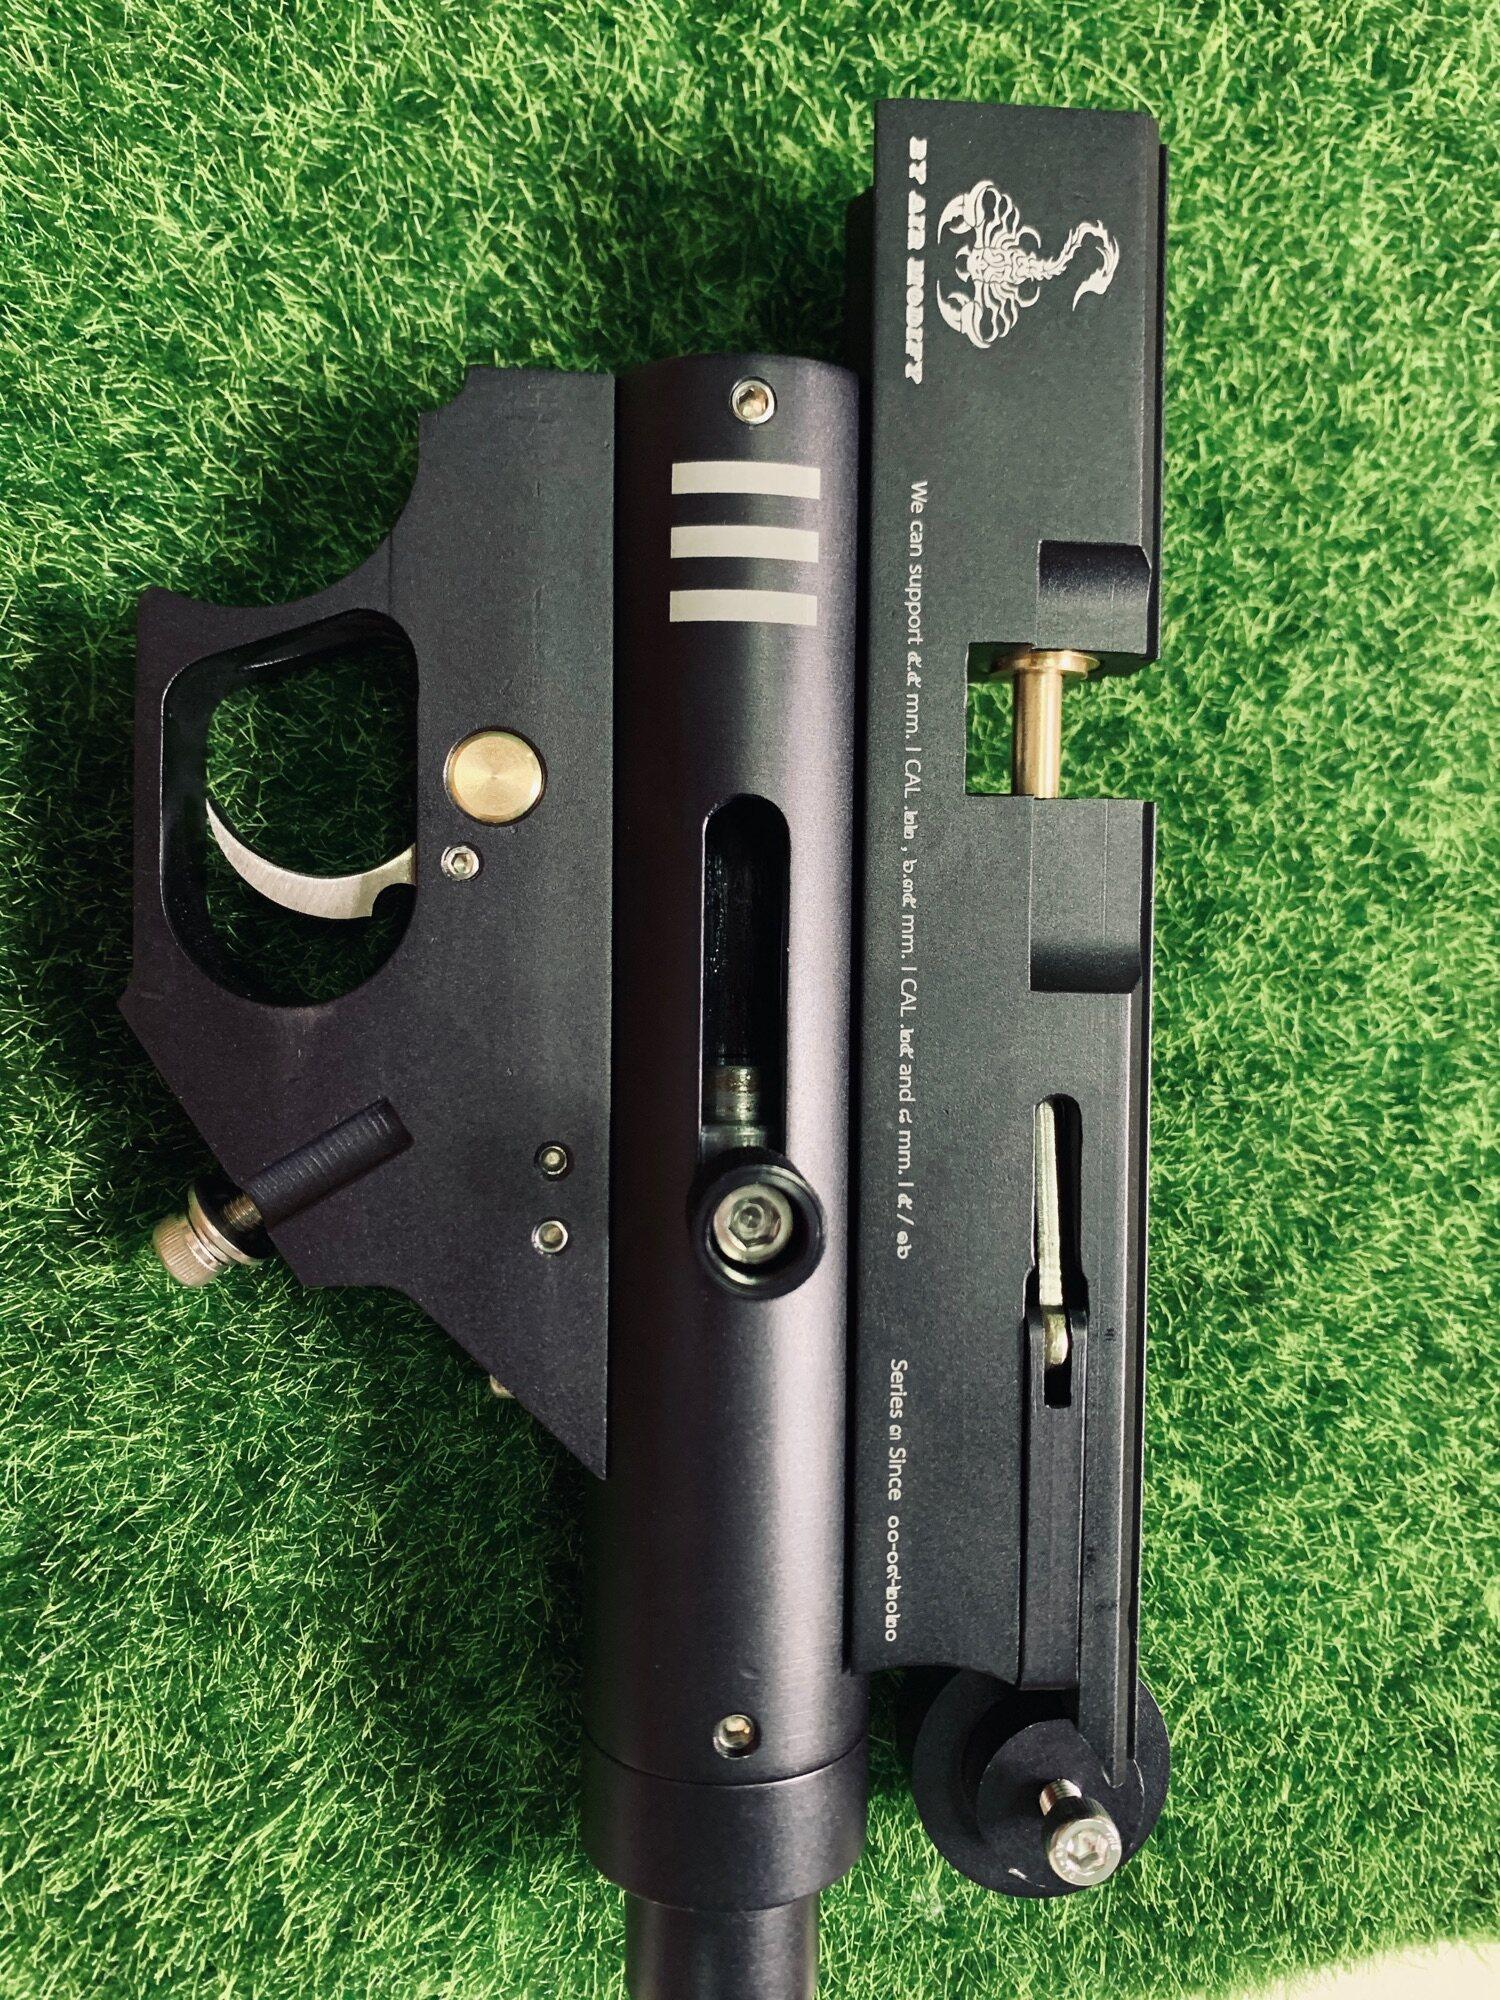 โหลดเบอร์2 ค้อน32/20 เซฟสีดำ ระยะเข้าโหลดโต 14 ลึก41 ระบบไกตก นิ่มมาก รางจับกล้อง11มิล.